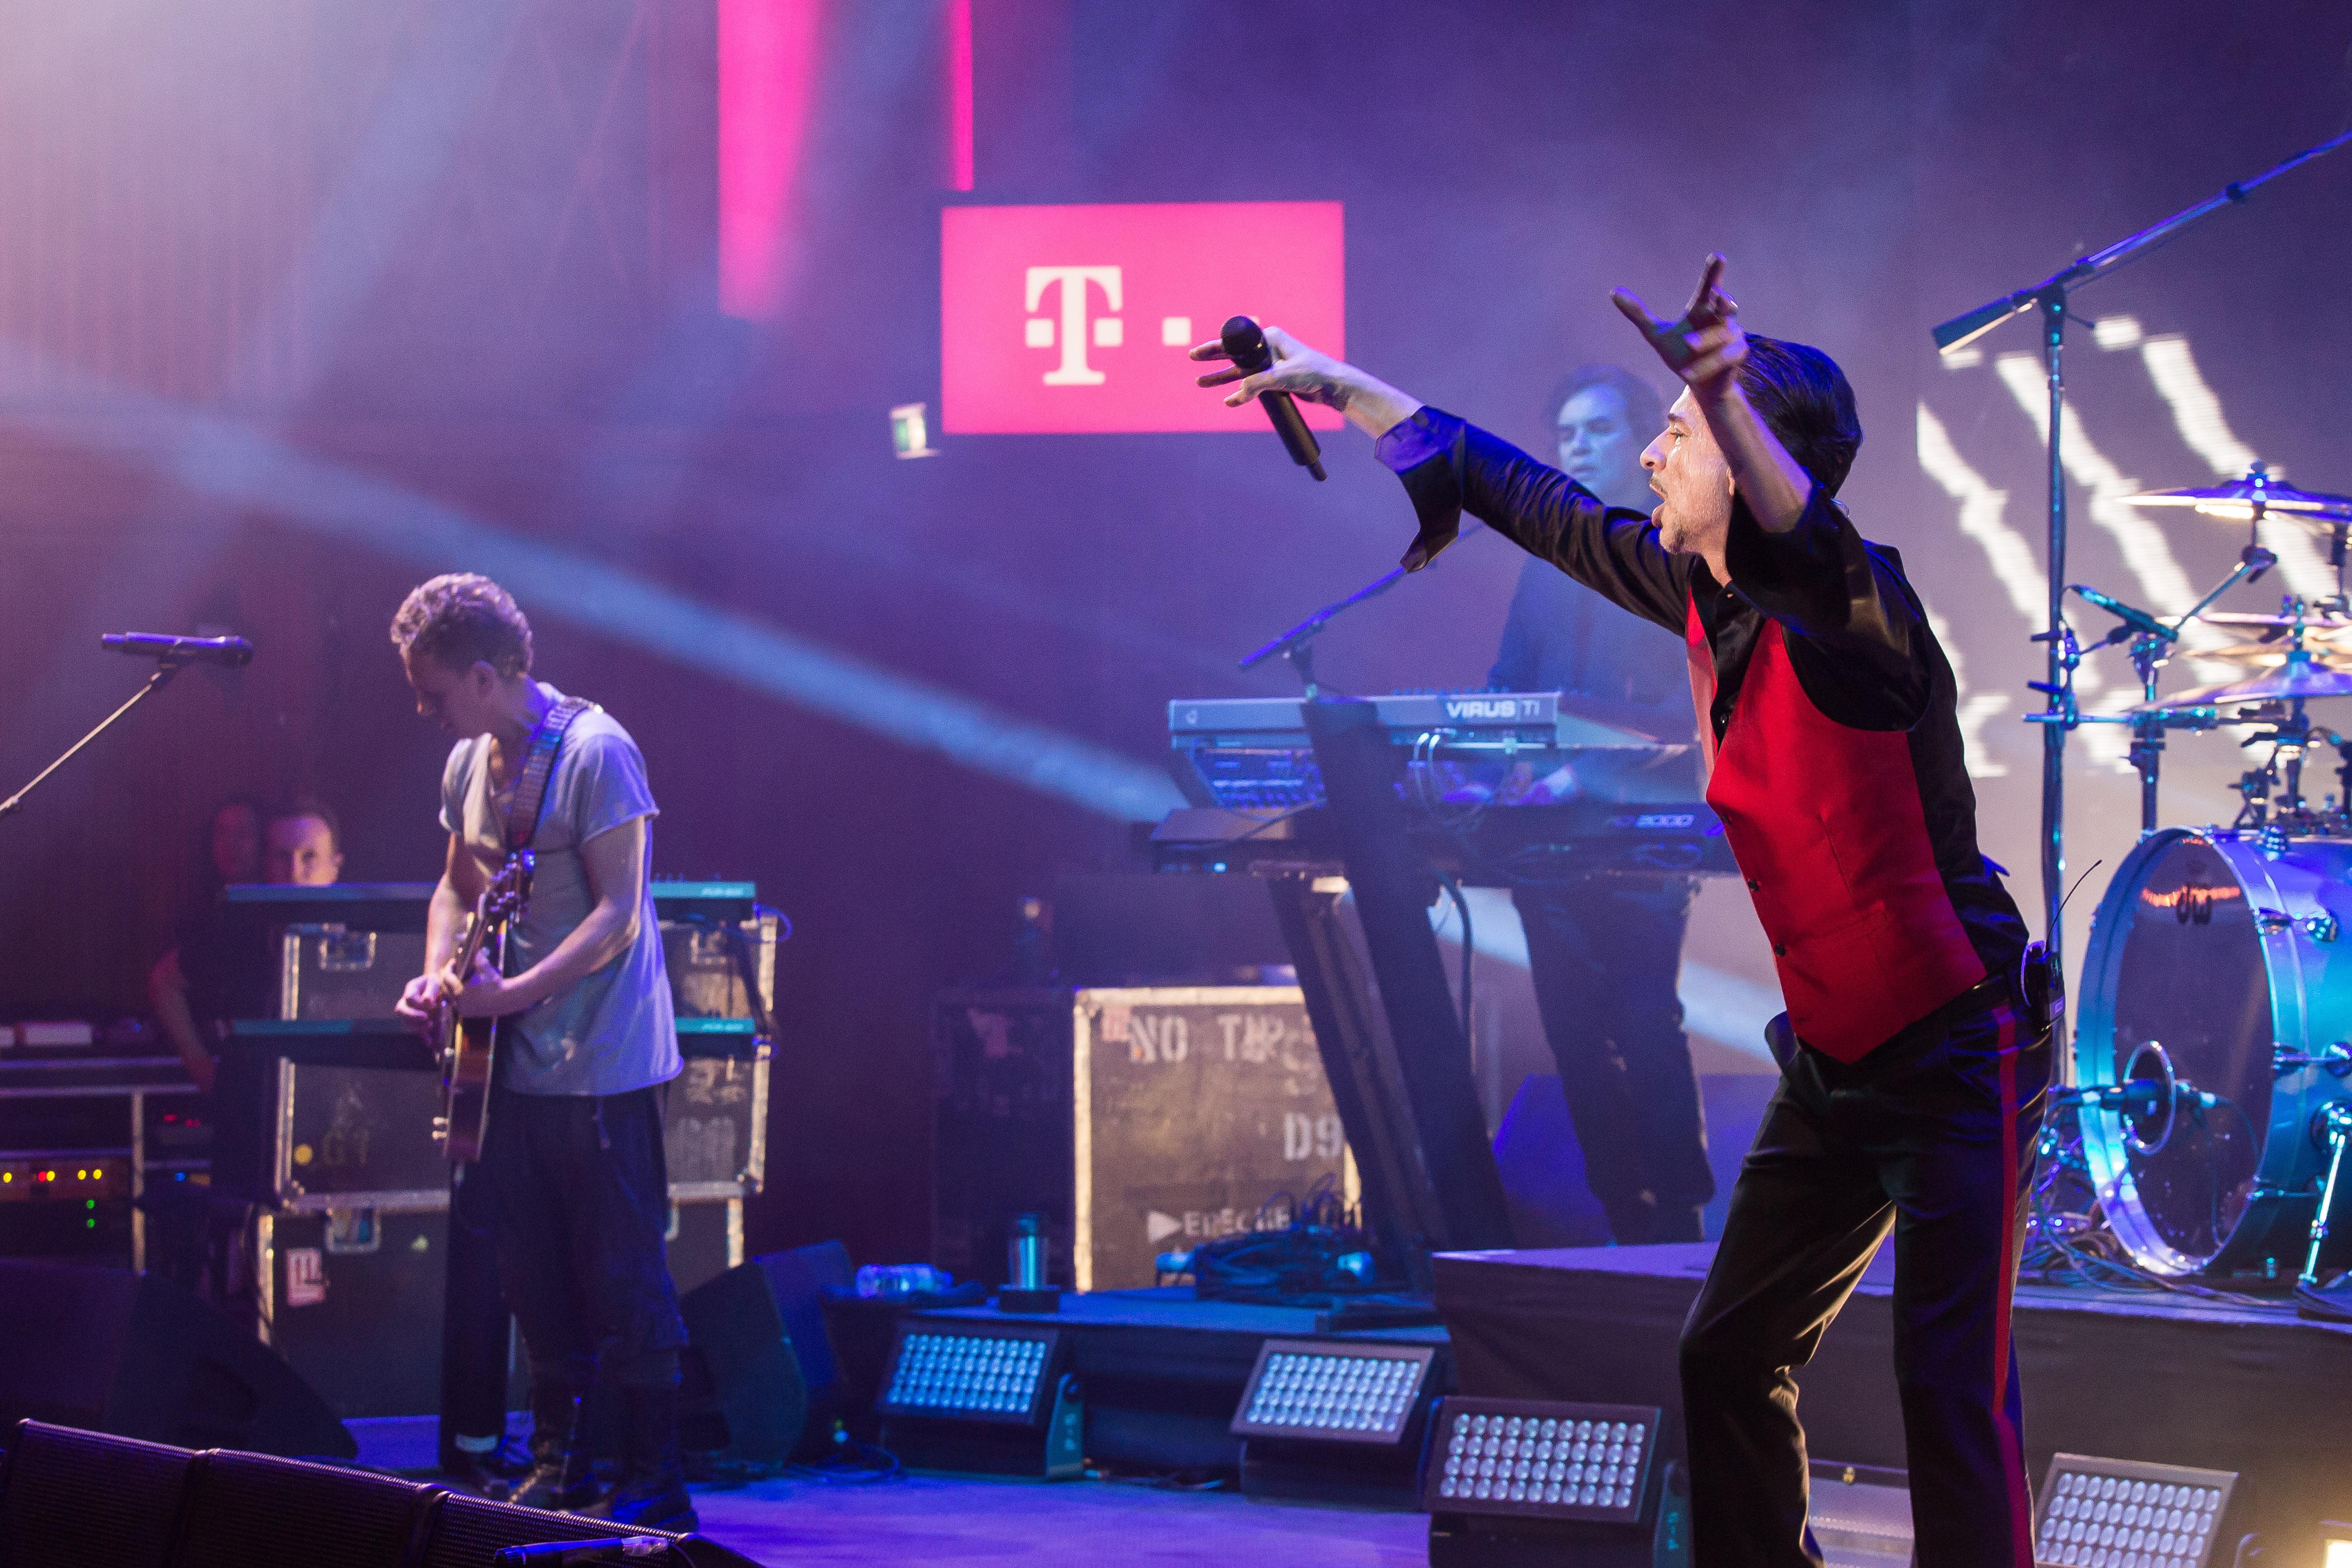 Aquecimento para o Depeche Mode em 40 fotos e playlist com cara de show :-)